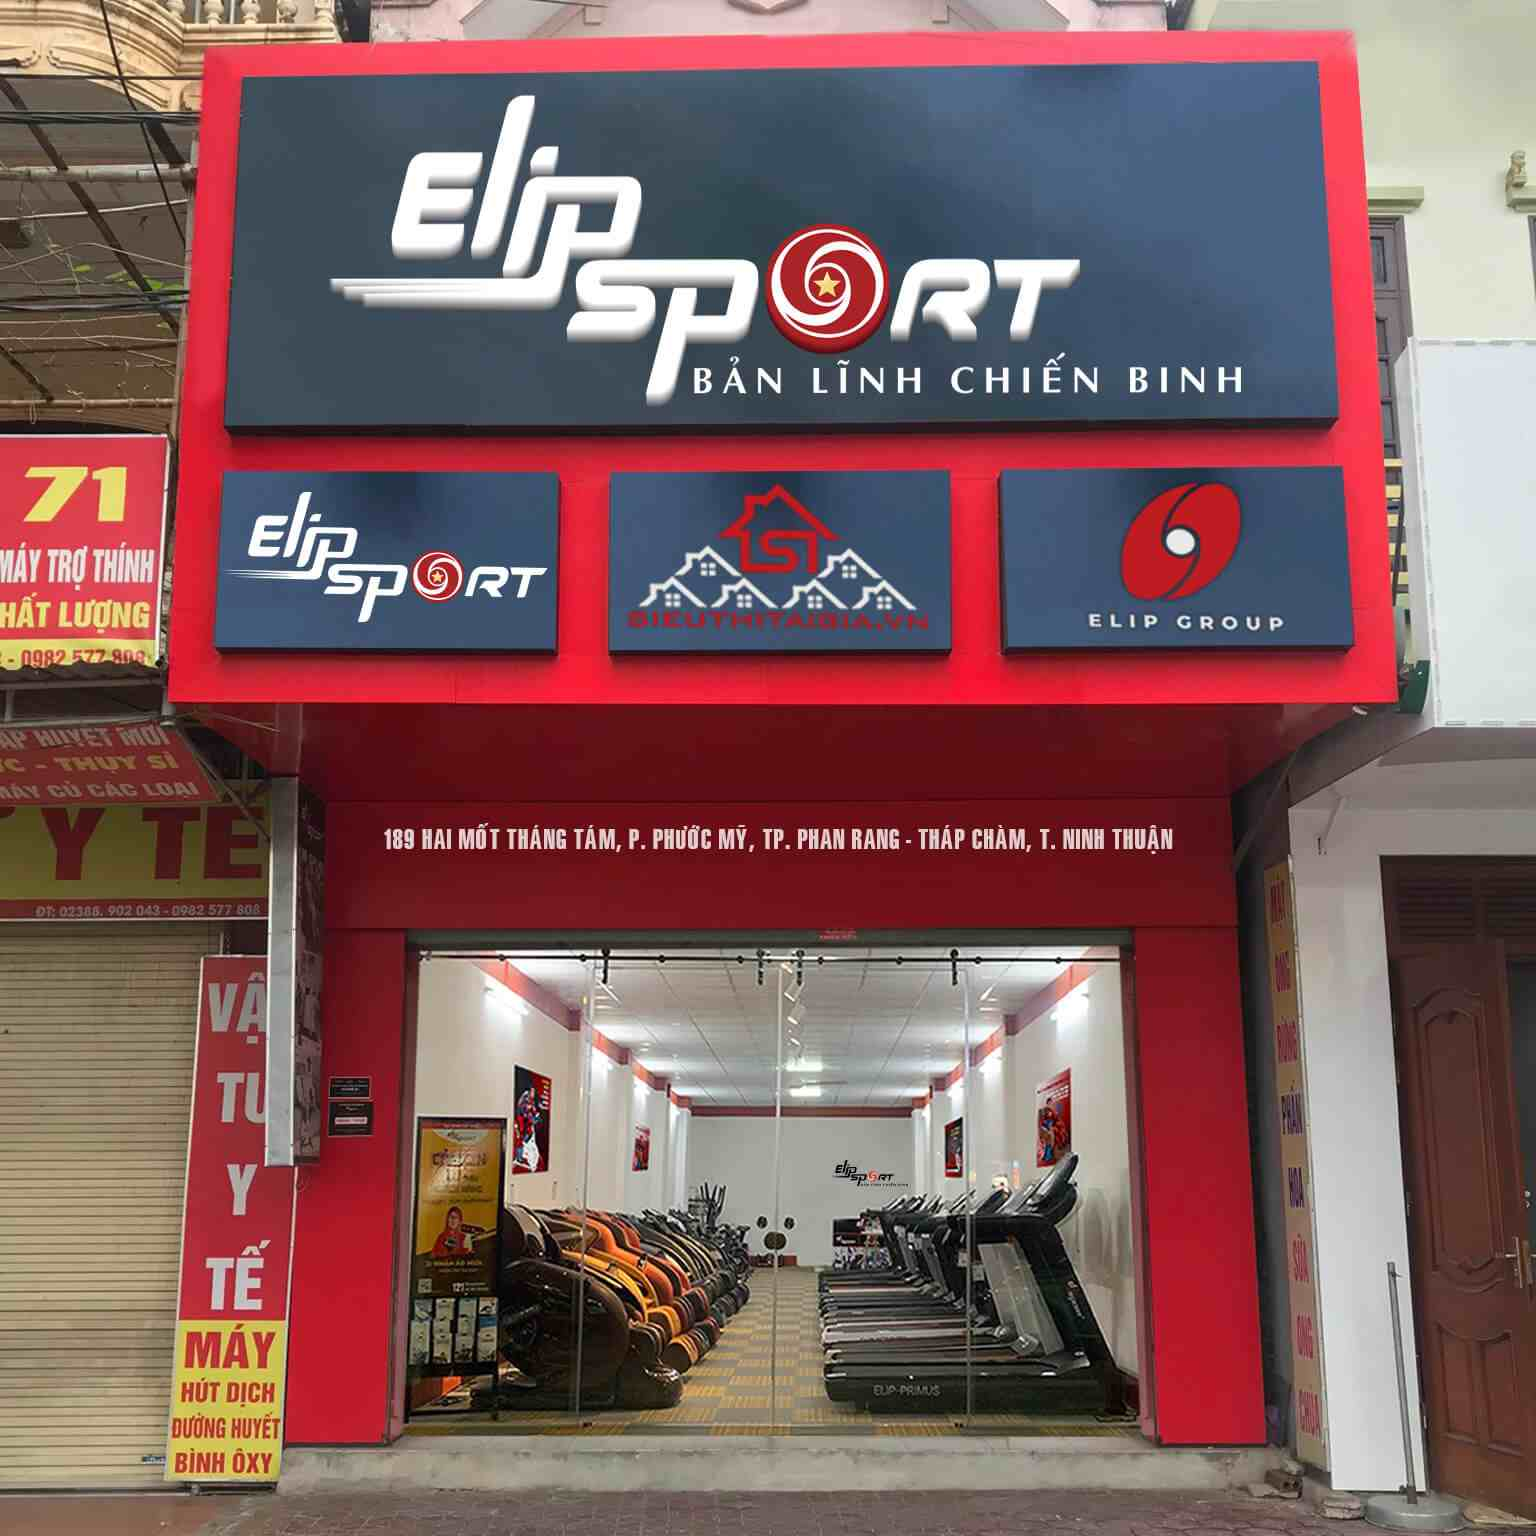 Chi nhánh Elipsport Ninh Thuận